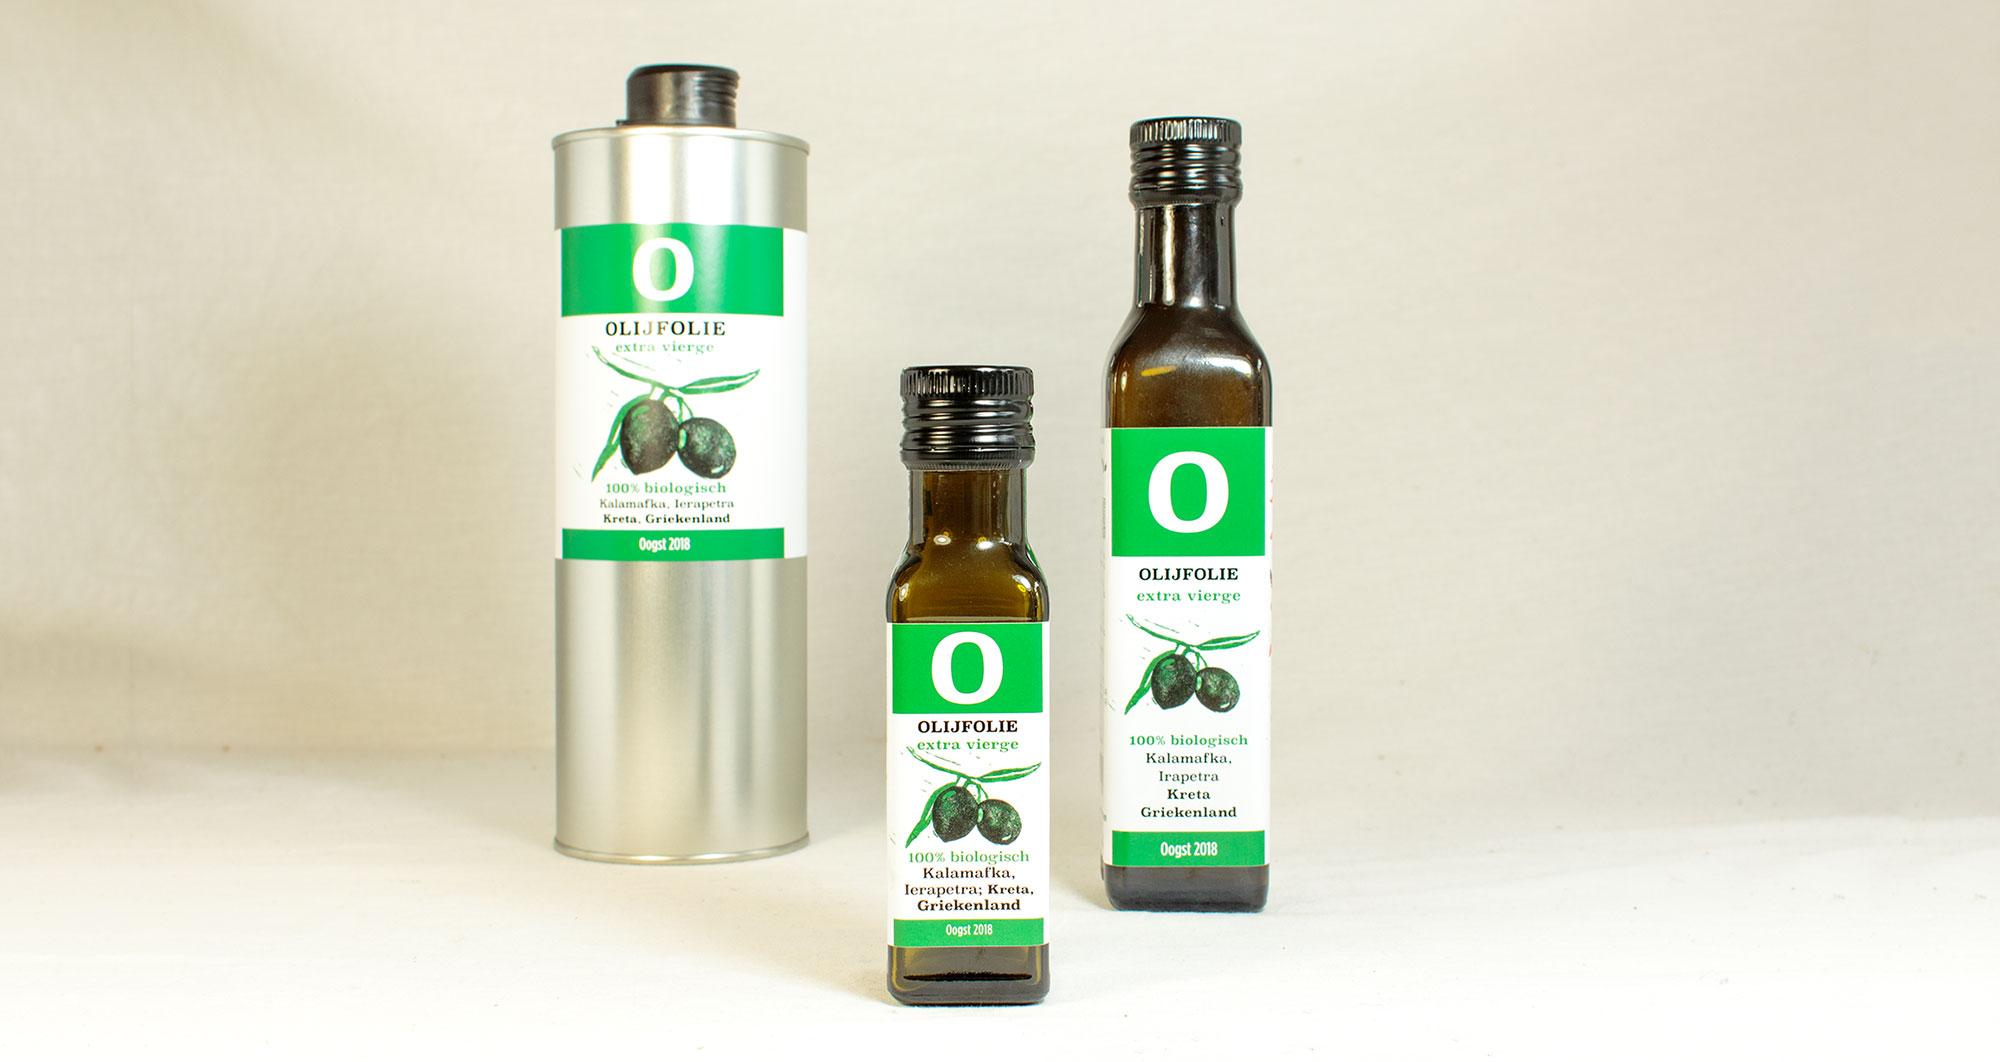 Augustin's biologische olijfolie uit Kreta